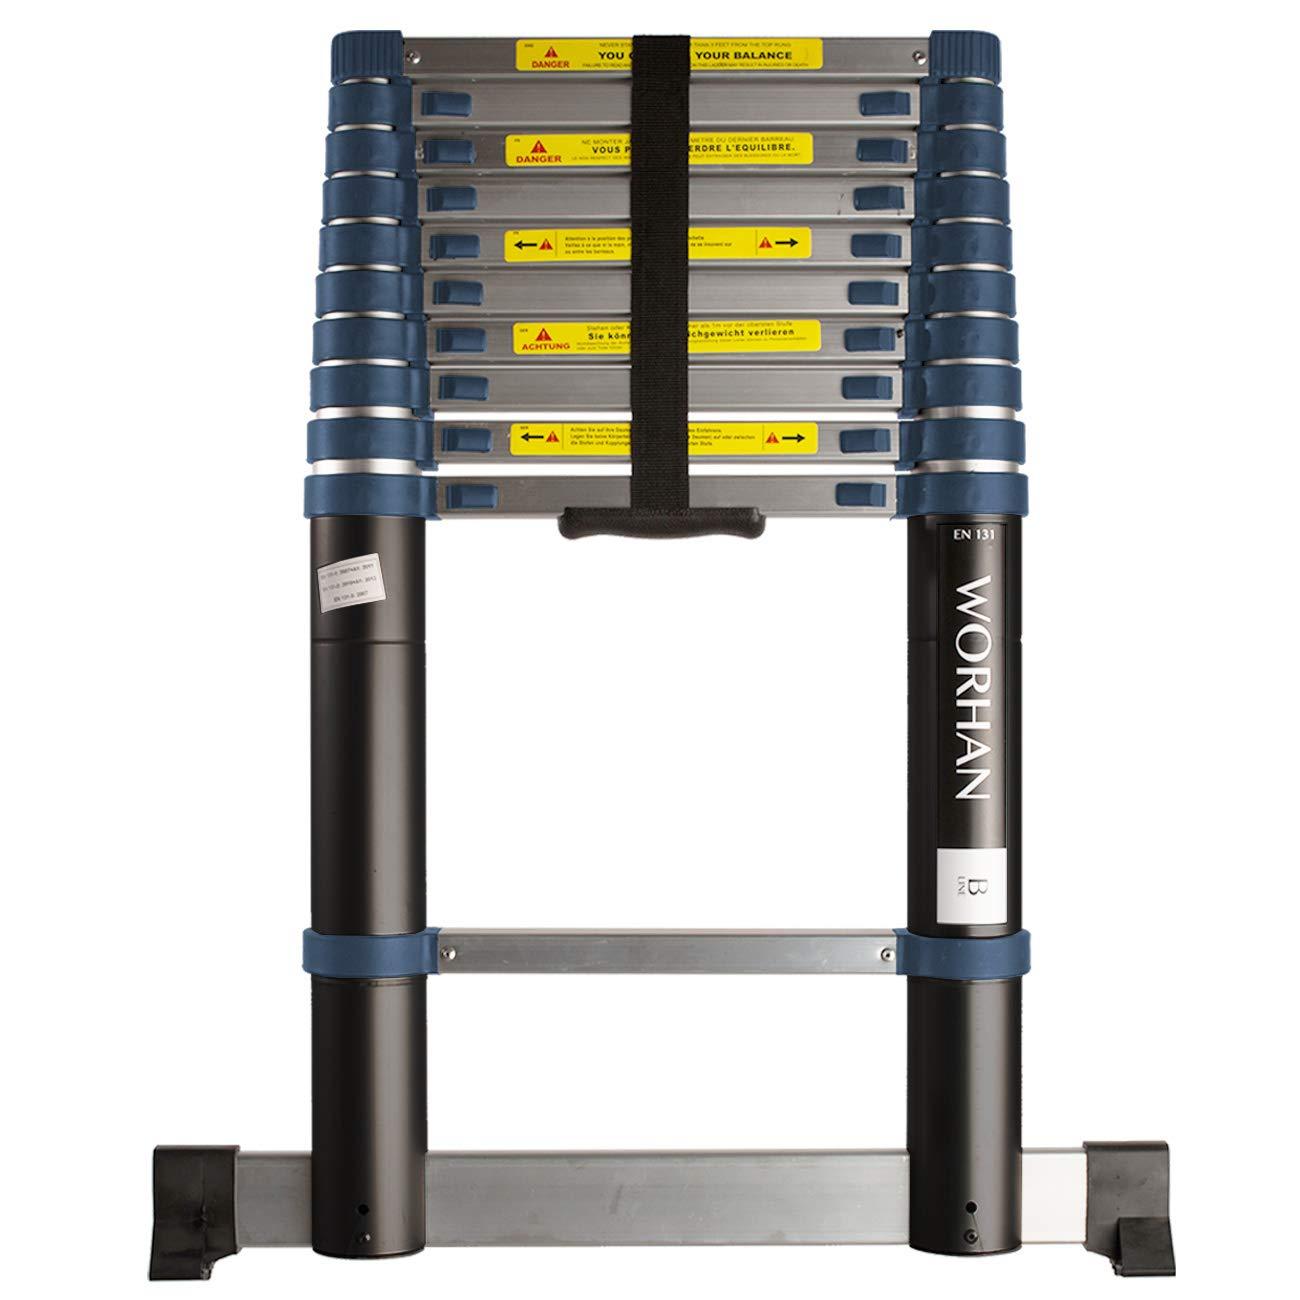 worhan® 3.2 m Escalera telescópica aluminio escalera de aluminio telescópica (aluminio escalera aluminio escalera telescópica Escalera multifunción (320 cm 1 K3.2 (..... 3.2 m B de Line): Amazon.es: Bricolaje y herramientas